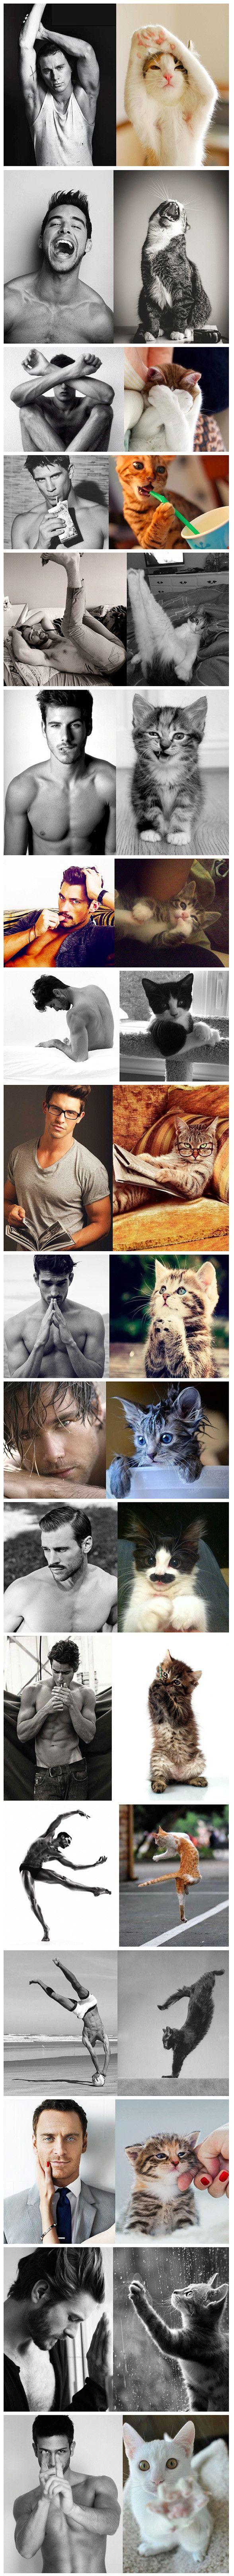 Män och katter! Skillnaden är tydligen inte så stor...